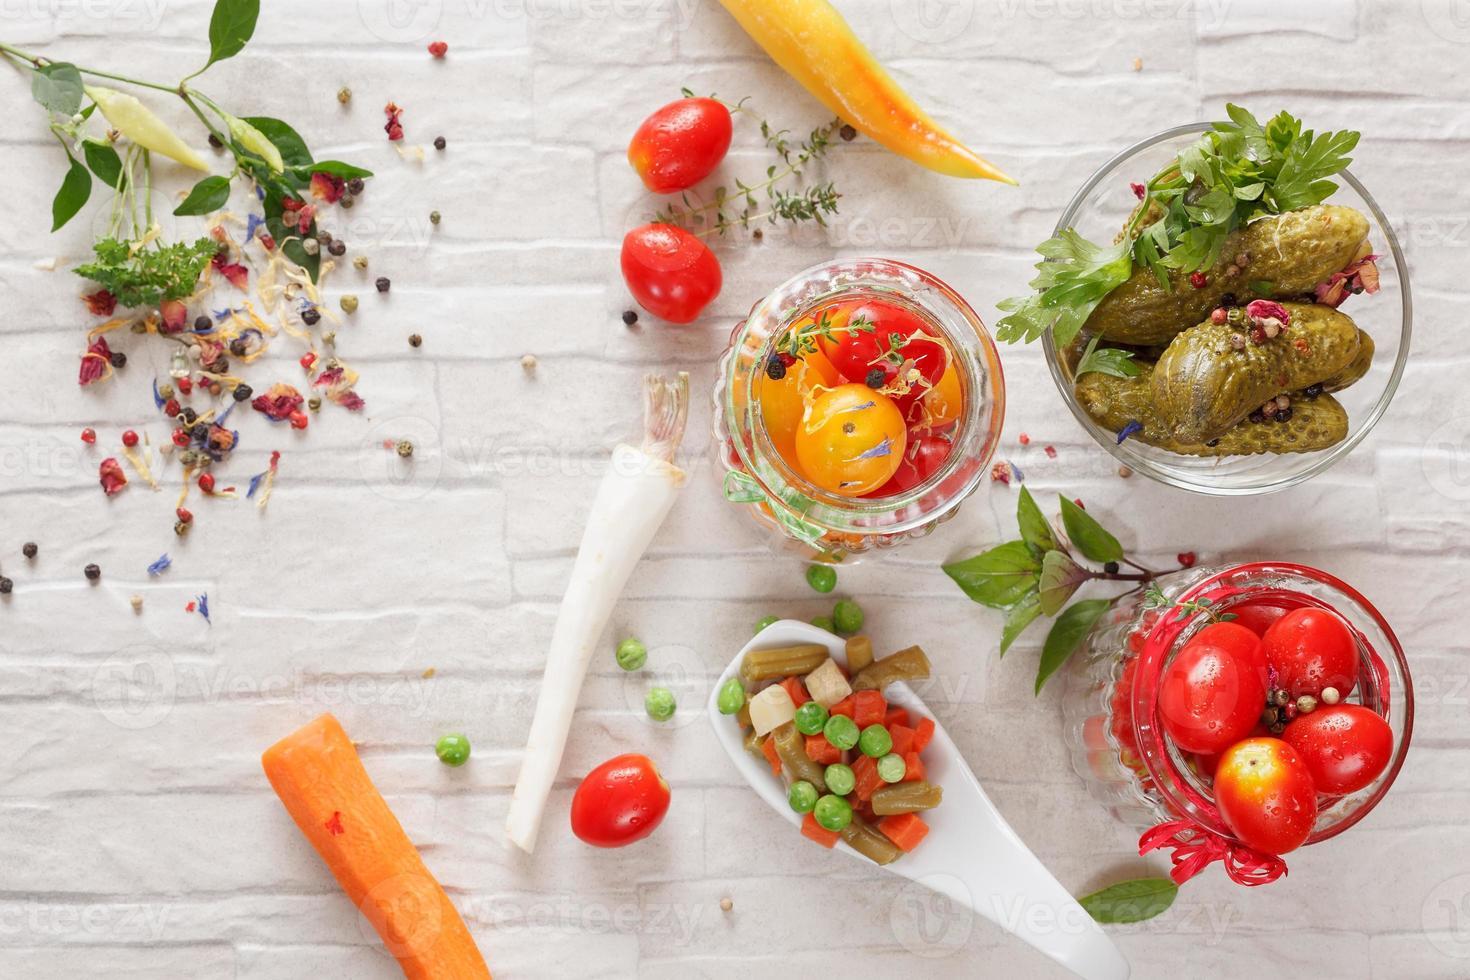 Pickled Vegetables photo